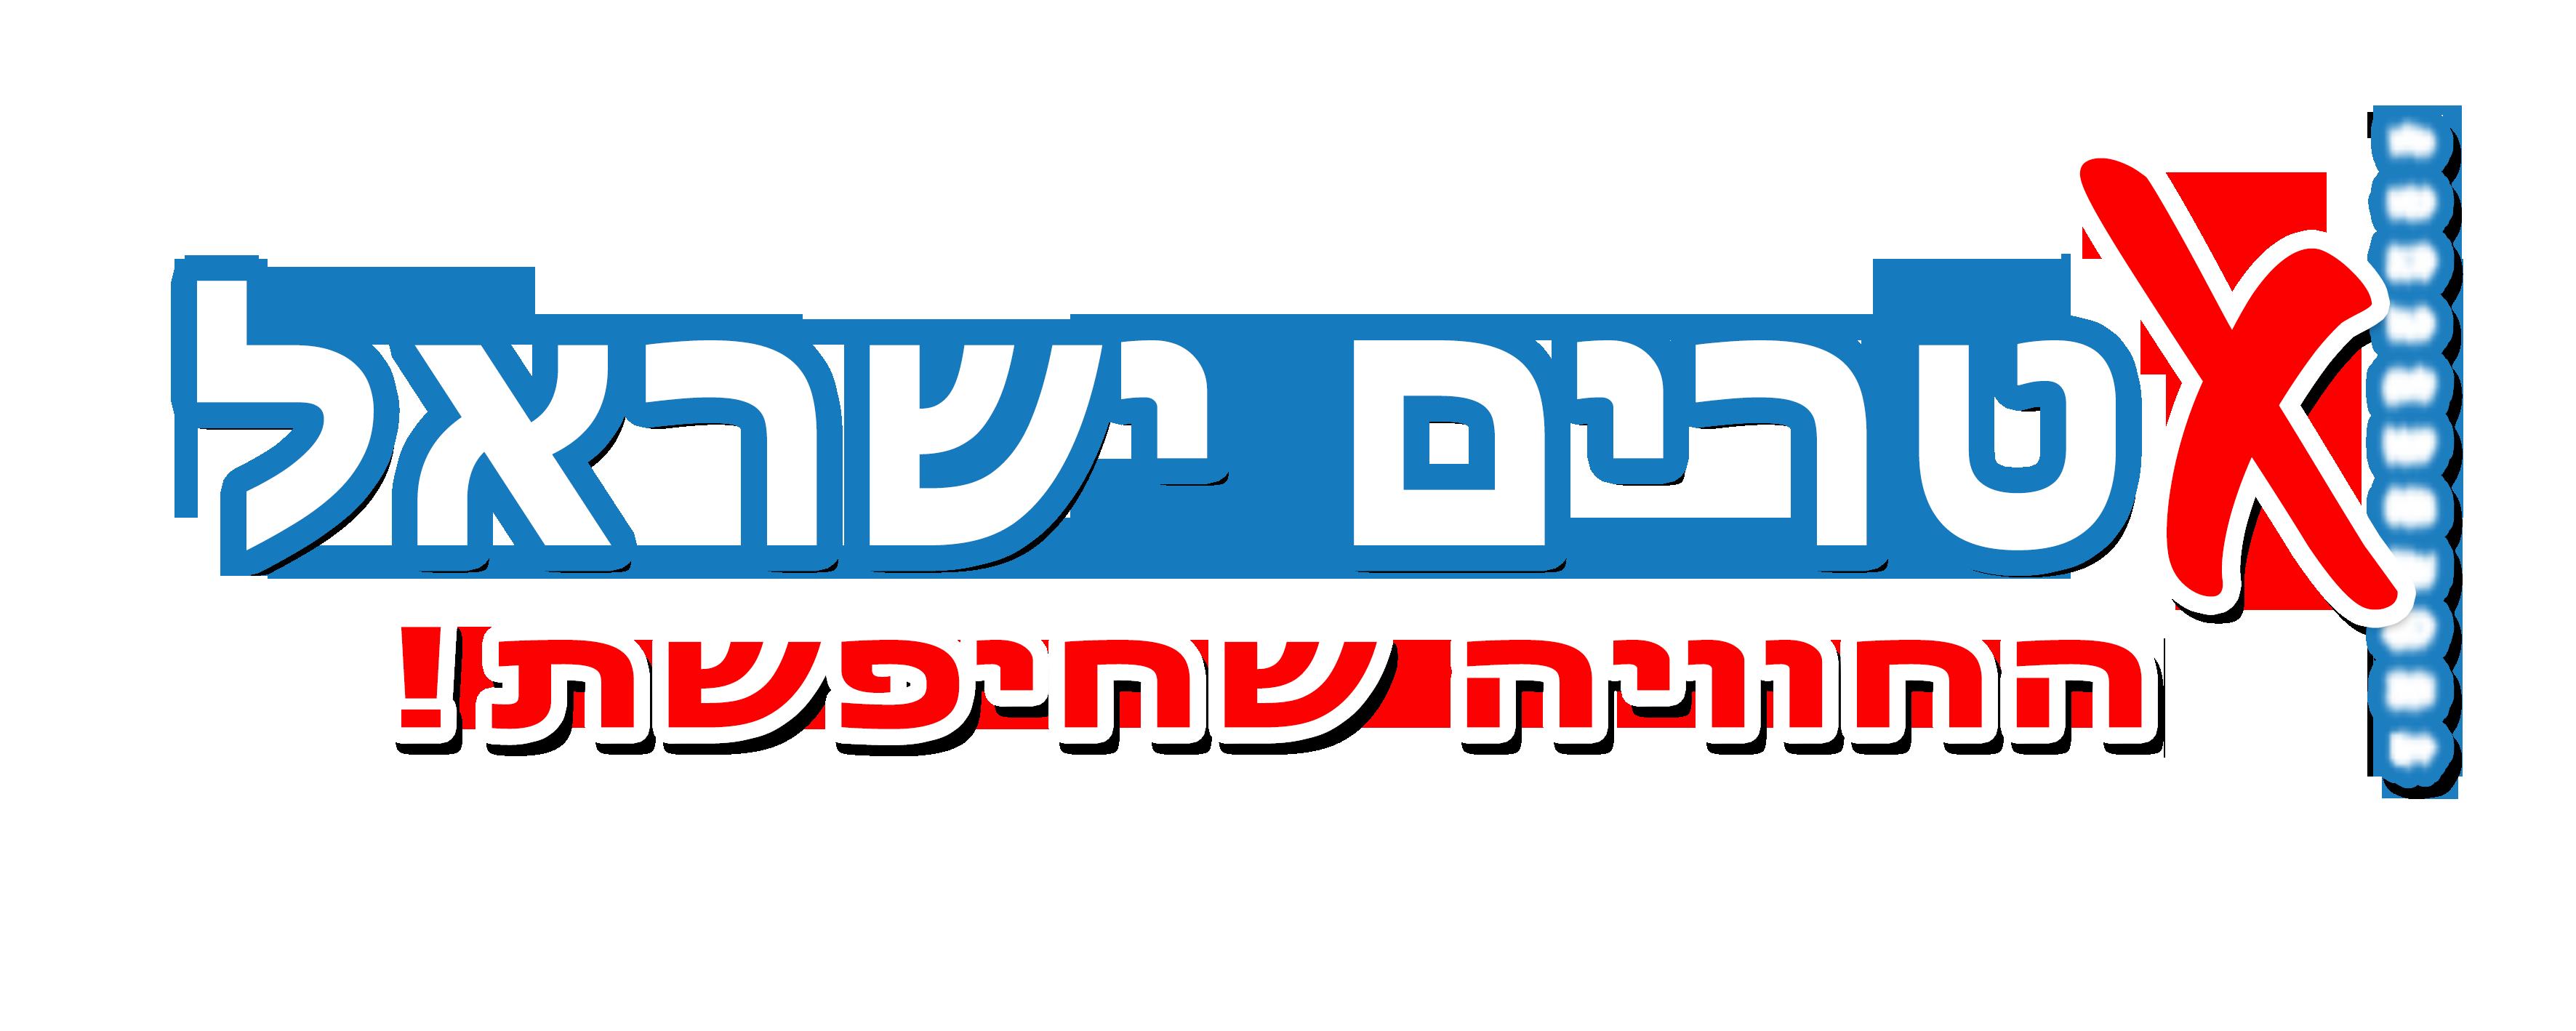 אקסטרים ישראל טרקטורון מעופף – Israel Extreme powered parachute